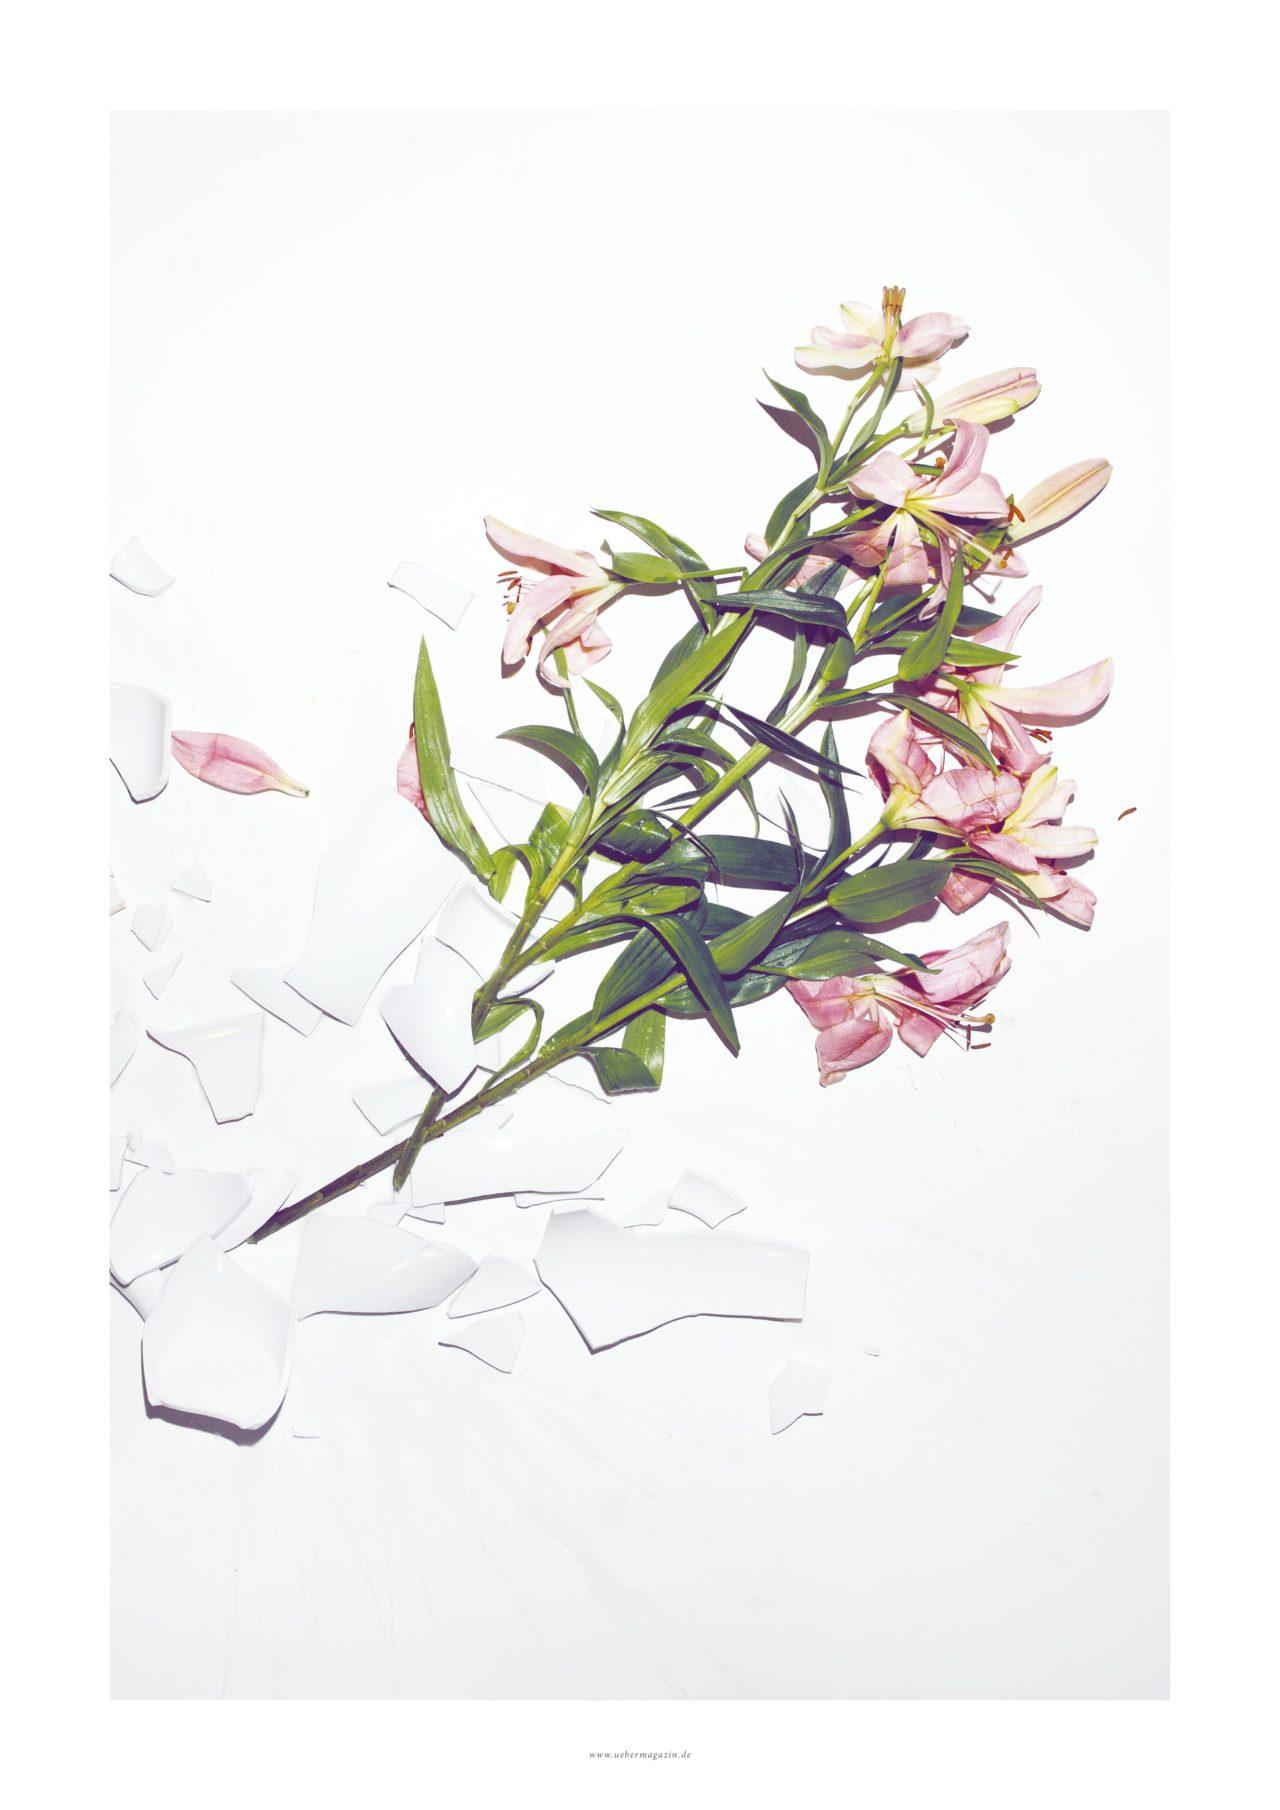 """Poster Hochformat vom ÜBER Magazin """"Poster zerbrochene Vase"""" mit Blumen und zerbrochener Blume auf weissem Boden"""